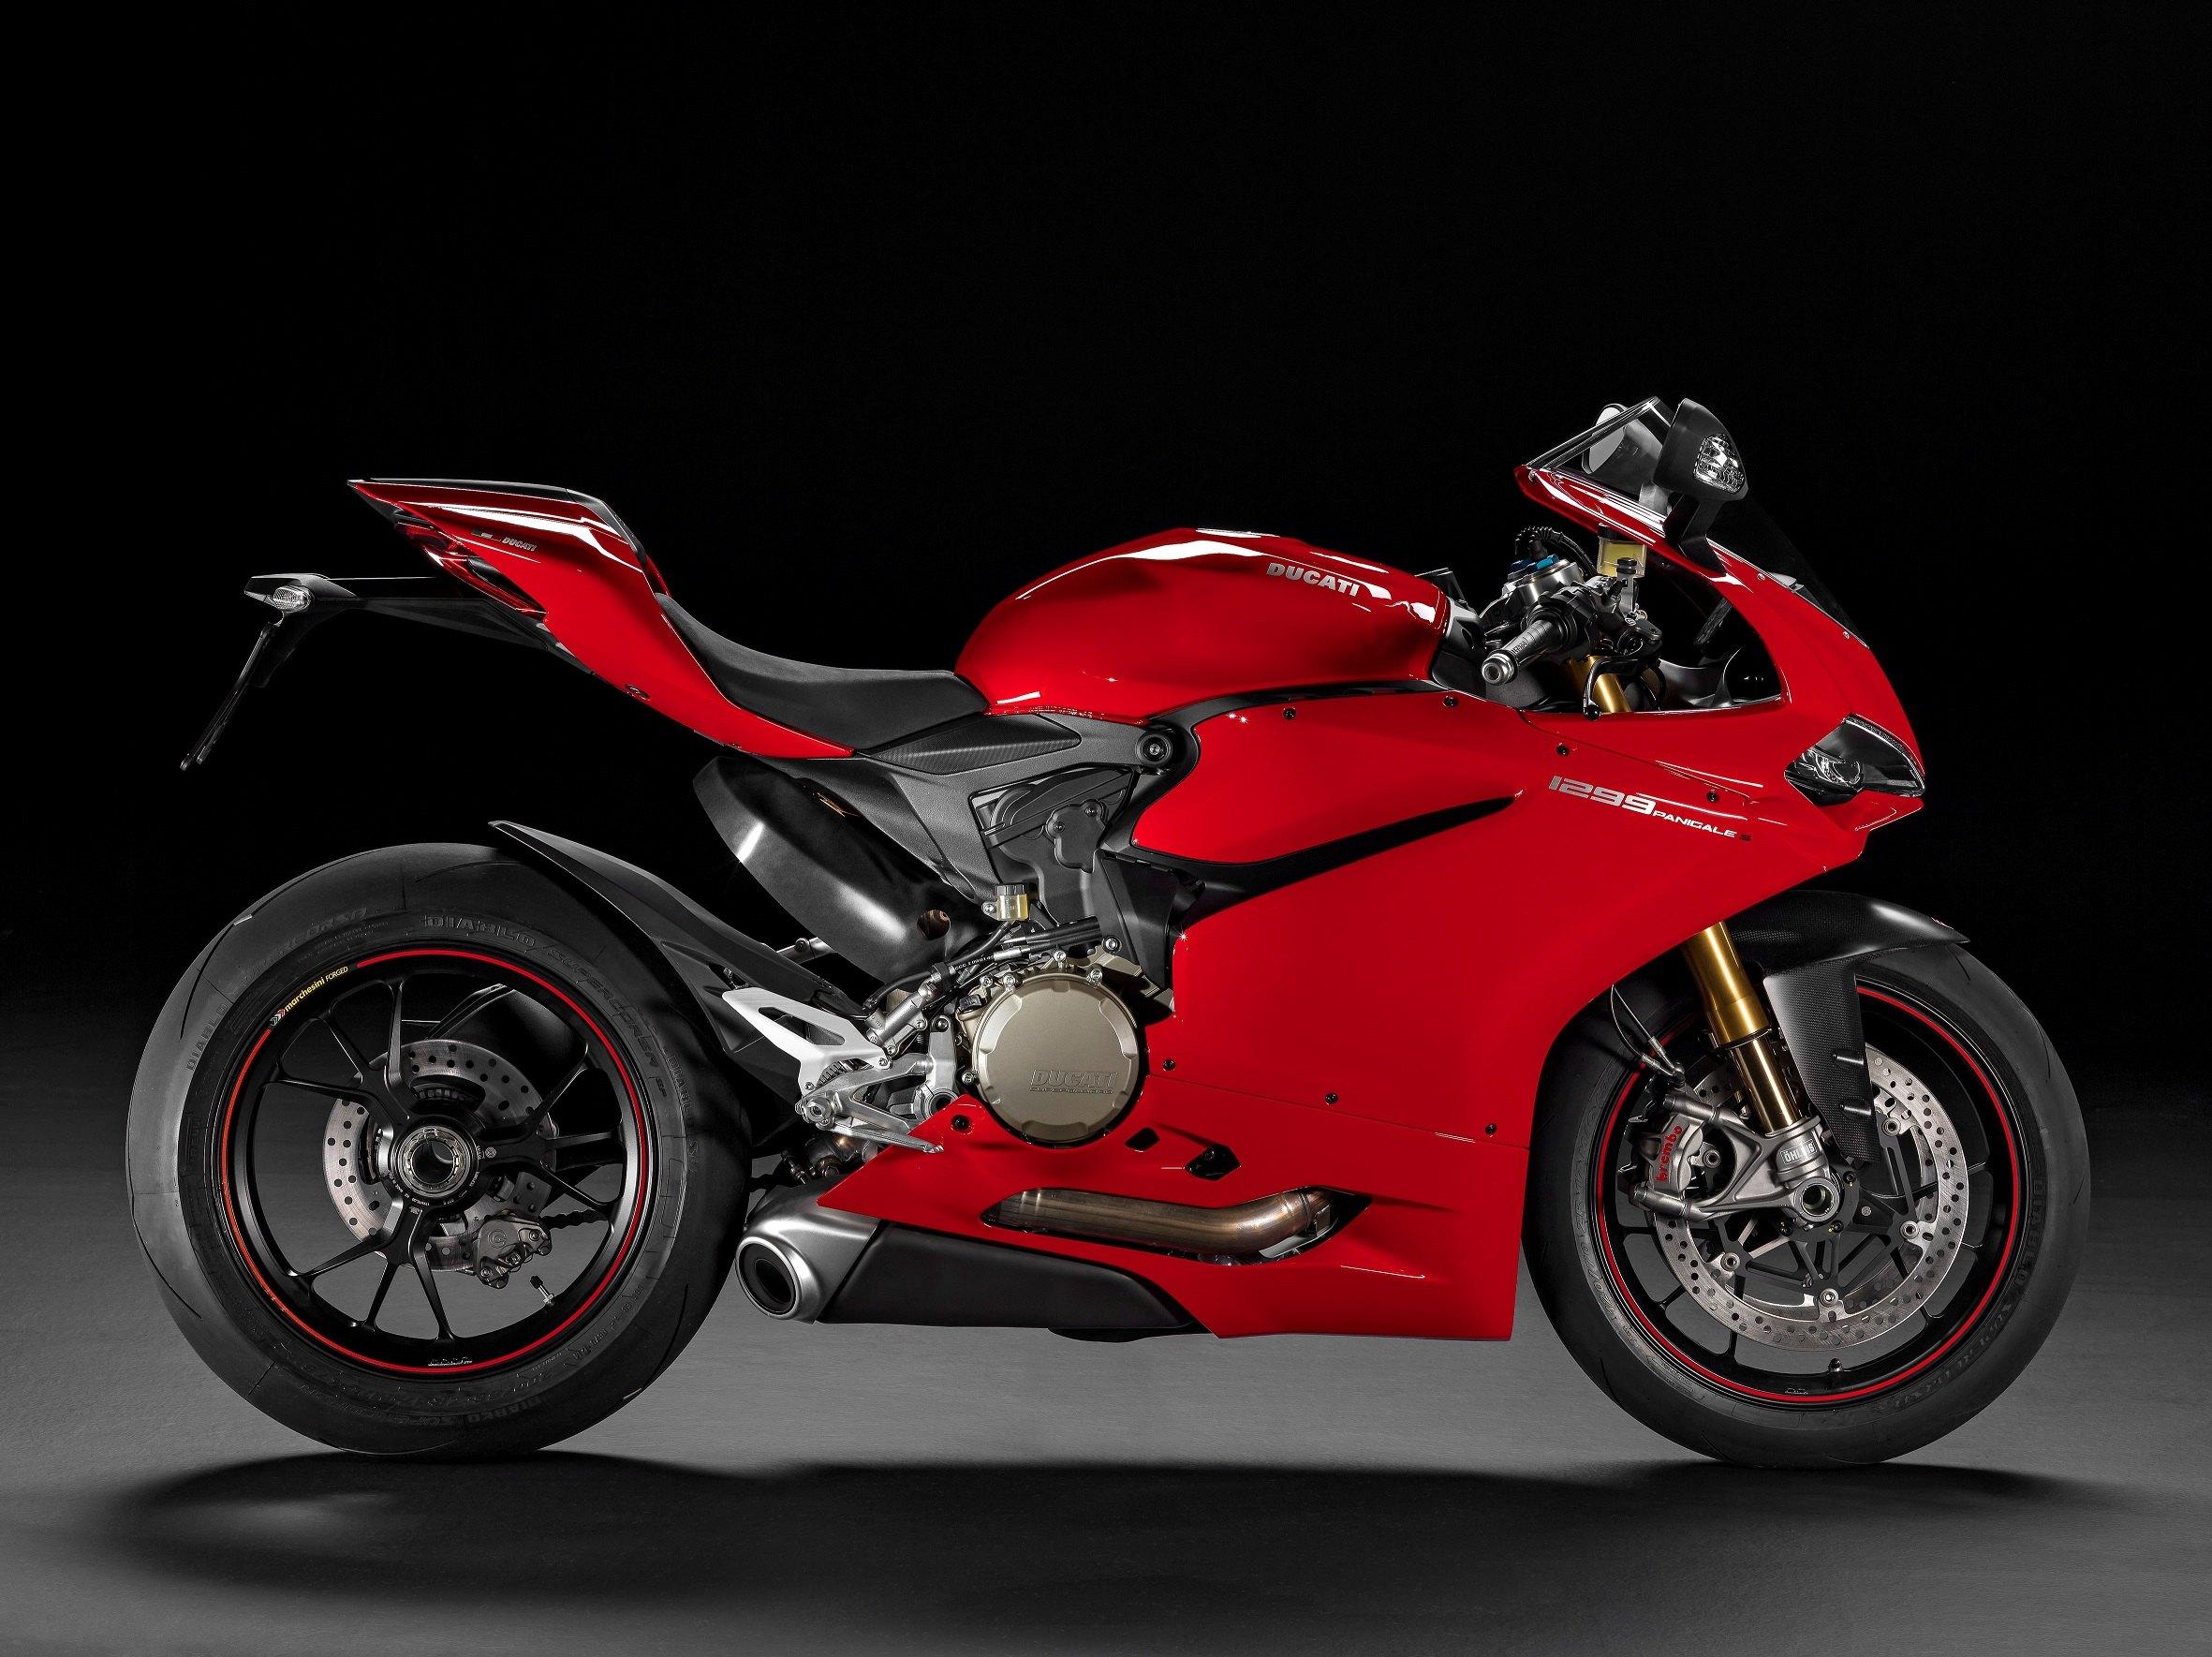 Ducati confirma la presentación de su nueva SuperSport en INTERMOT